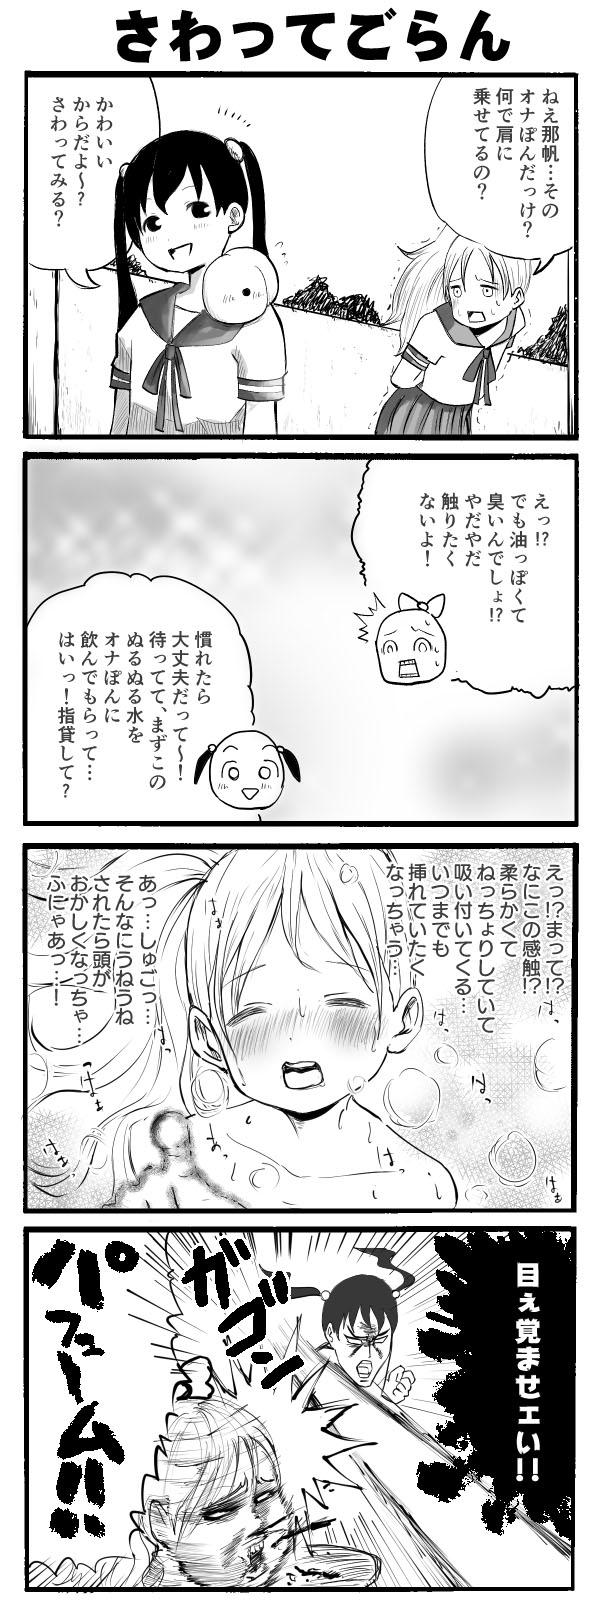 6-1 JPEG